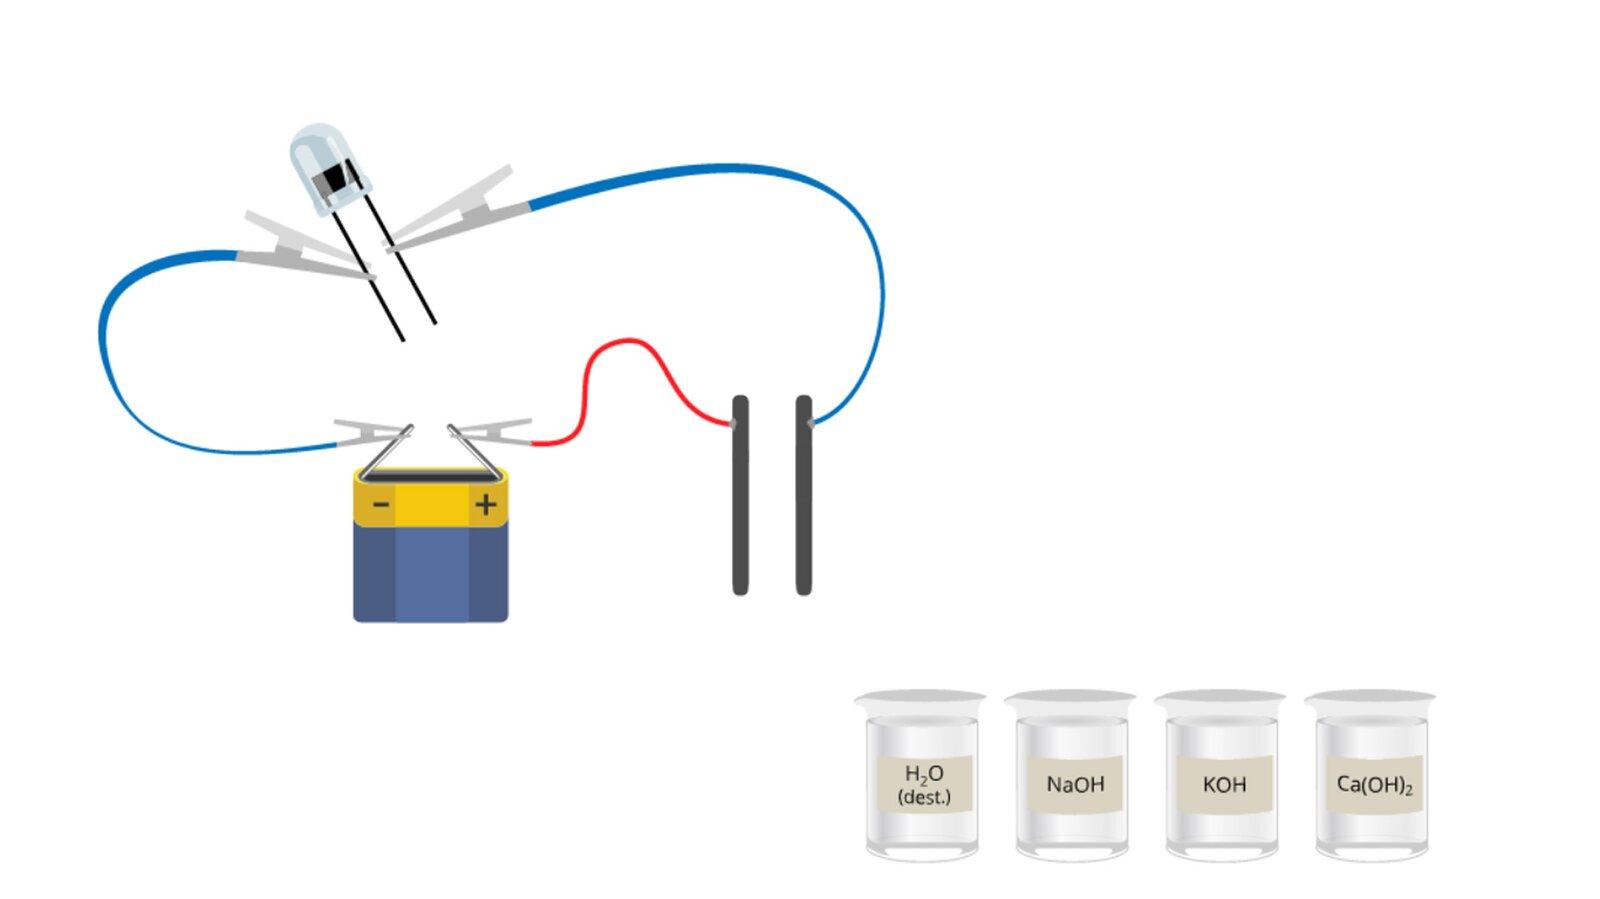 Aplikacja interaktywna przedstawiająca możliwości przewodnictwa prądu elektrycznego wwodnych roztworach zasad. Po lewej stronie okna znajduje się rysunek obwodu elektrycznego. Składa się on zpłaskiej baterii idiody świecącej. Ujemny biegun baterii podłączony jest przewodem zzaciskami do jednej nóżki diody. Druga nóżka oraz dodatni biegun baterii podłączone są przewodami do dwóch czarnych elektrod ustawionych blisko siebie irównolegle, ale nie stykających się ze sobą. Wprawym dolnym rogu okna aplikacji znajdują się cztery zlewki zprzezroczystymi cieczami, podpisane kolejno: H2O destylowana, NaOH, KOH oraz Ca OH dwa razy wzięte. Kliknięcie każdej zlewki powoduje przesunięcie jej wtaki sposób, że obie elektrody zostają zanurzone wcieczy. Wprzypadku zlewki zwodą nie przynosi to żadnych rezultatów, natomiast zanurzenie elektrod wroztworach wodorotlenków sodu, potasu lub wapnia powoduje zaświecenie się diody LED wobwodzie.